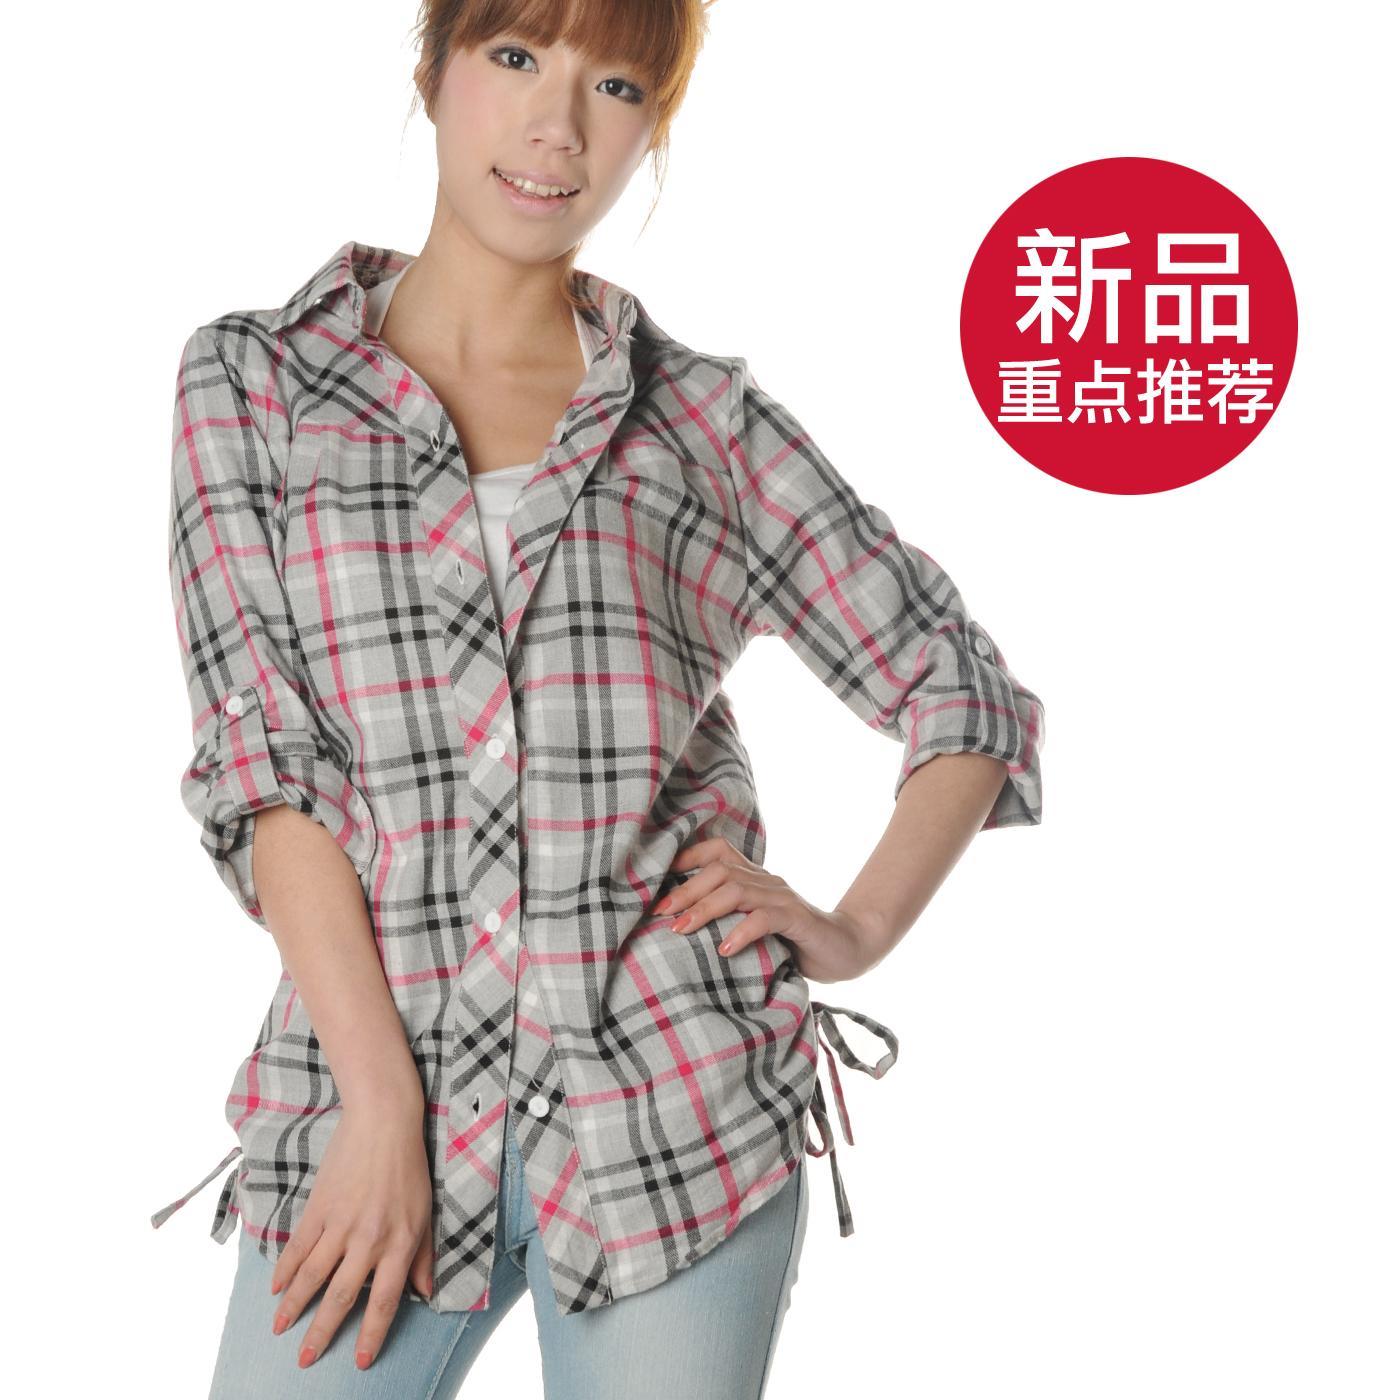 женская рубашка Meet collection 1343 Городской стиль Длинный рукав В клетку